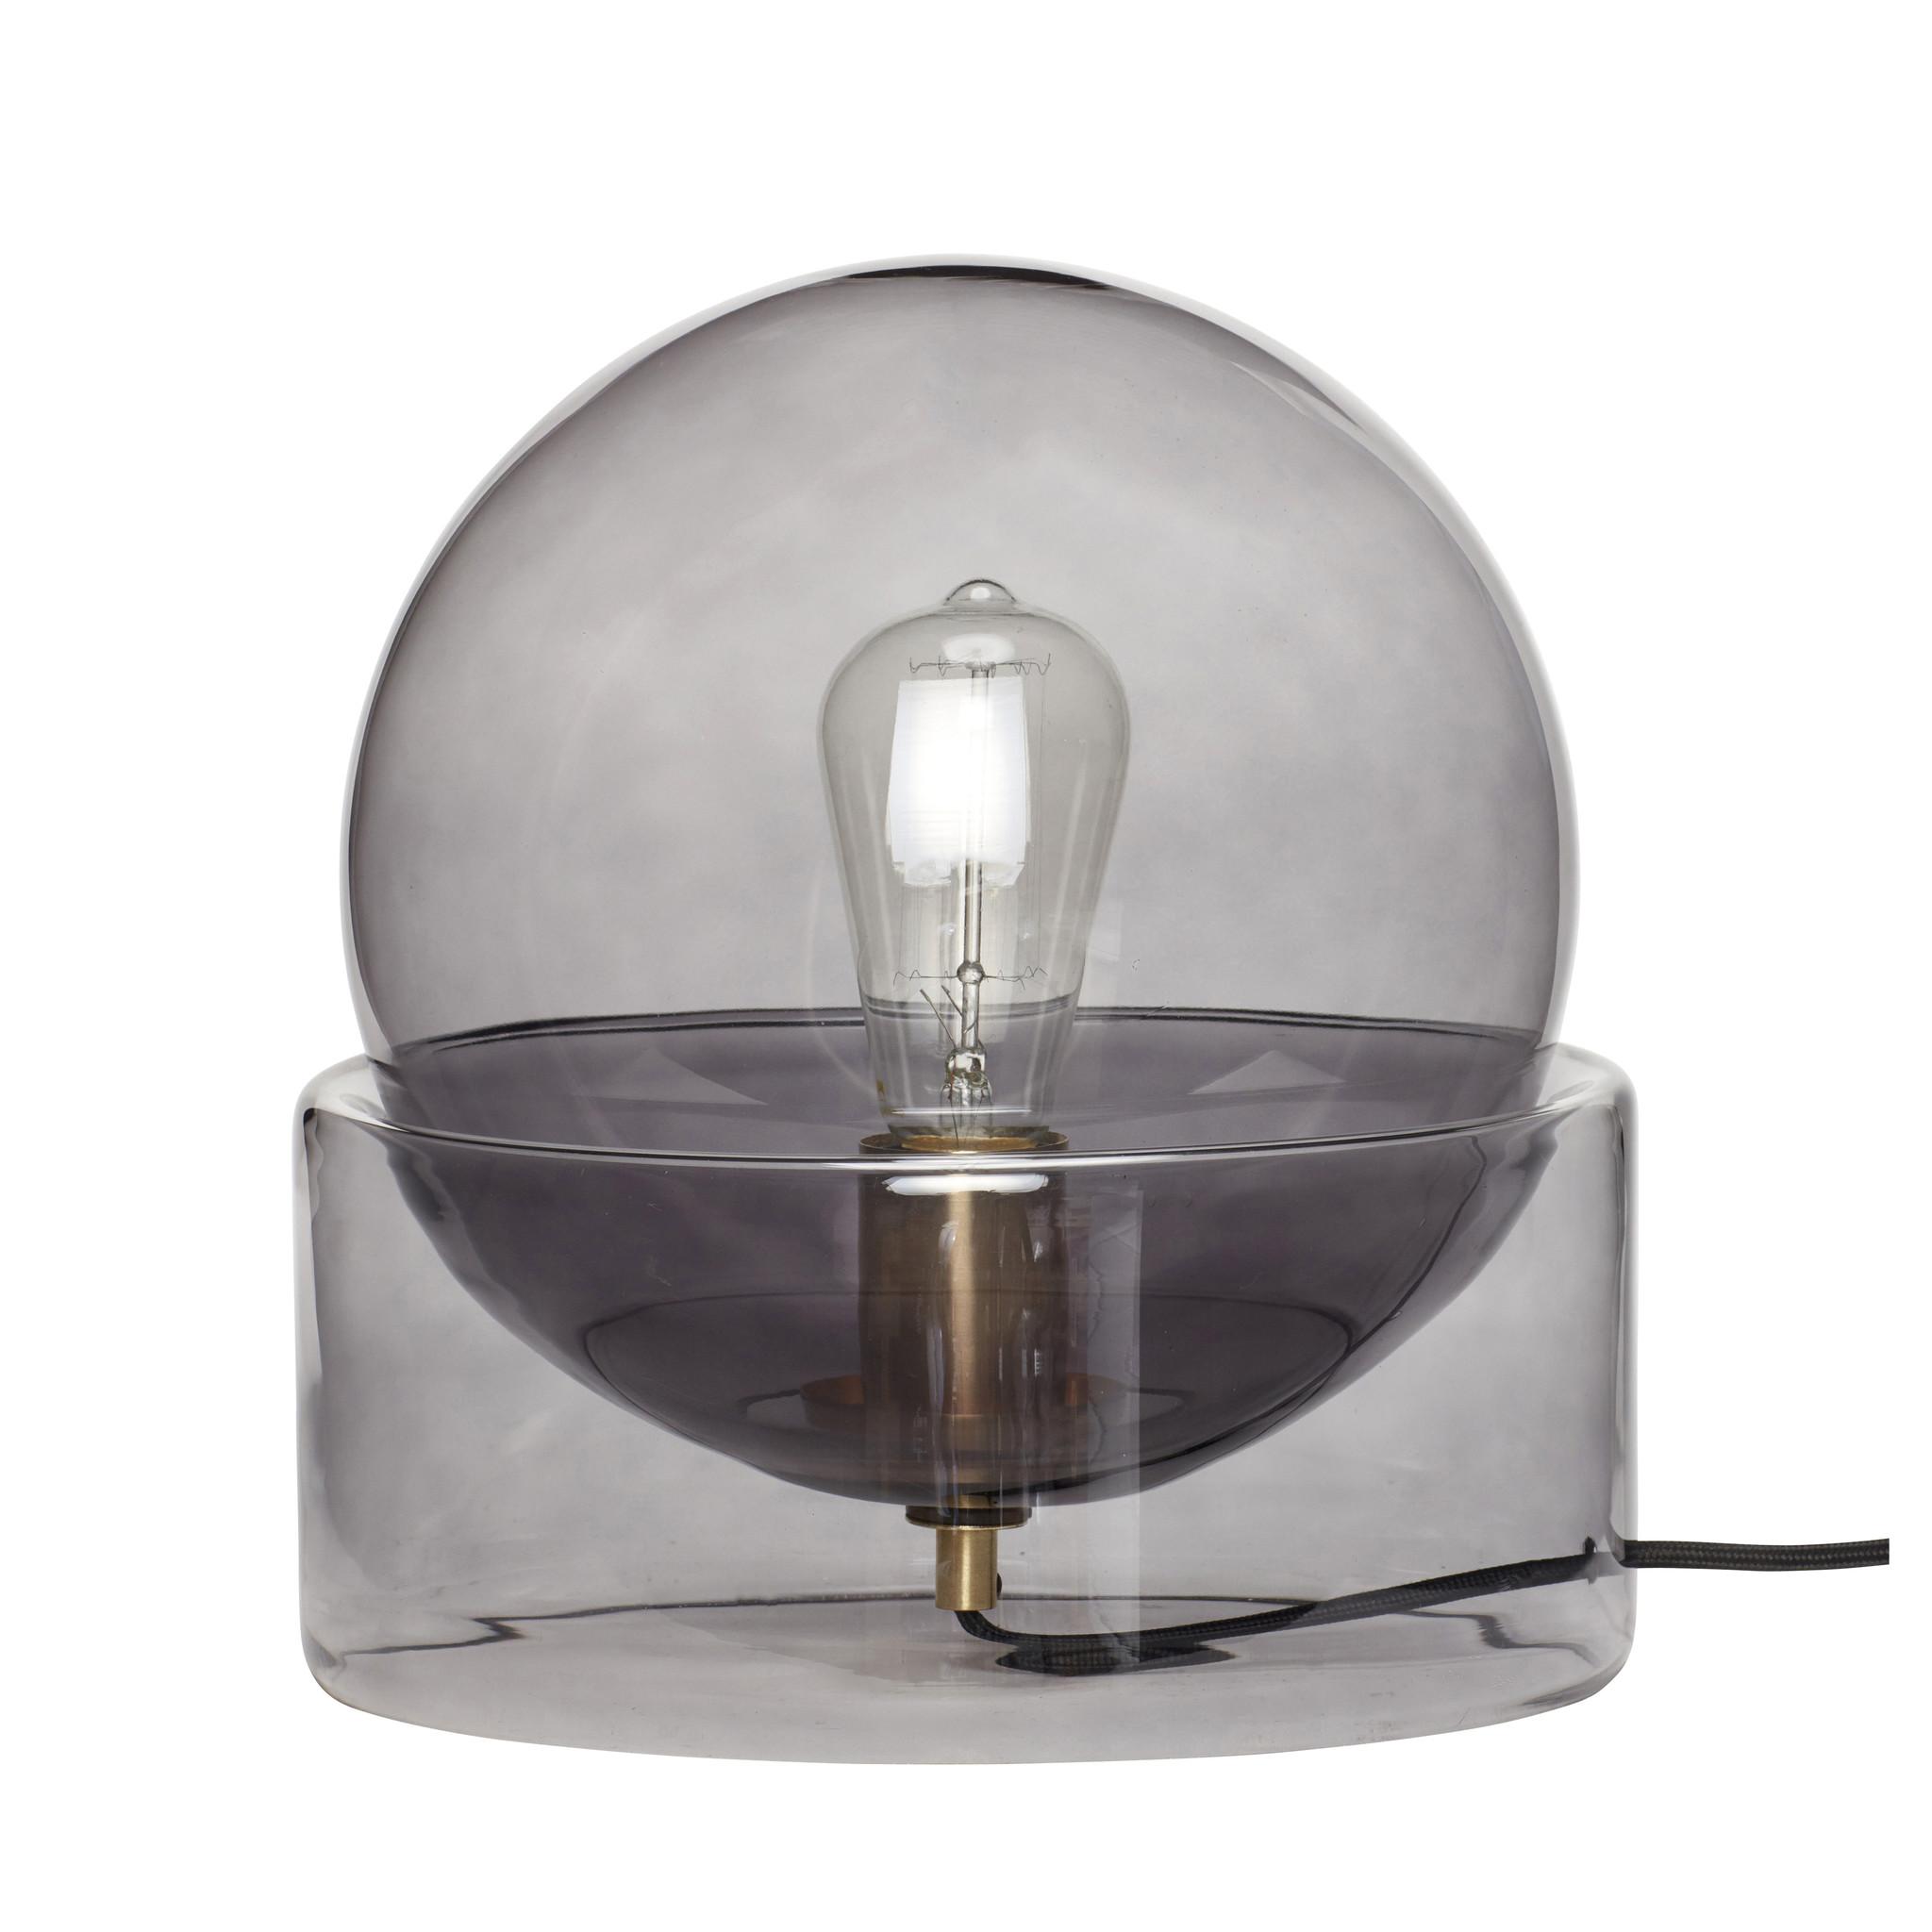 Hubsch Tafellamp 990908 ø27 x 29 cm E27/40W Donkergrijs